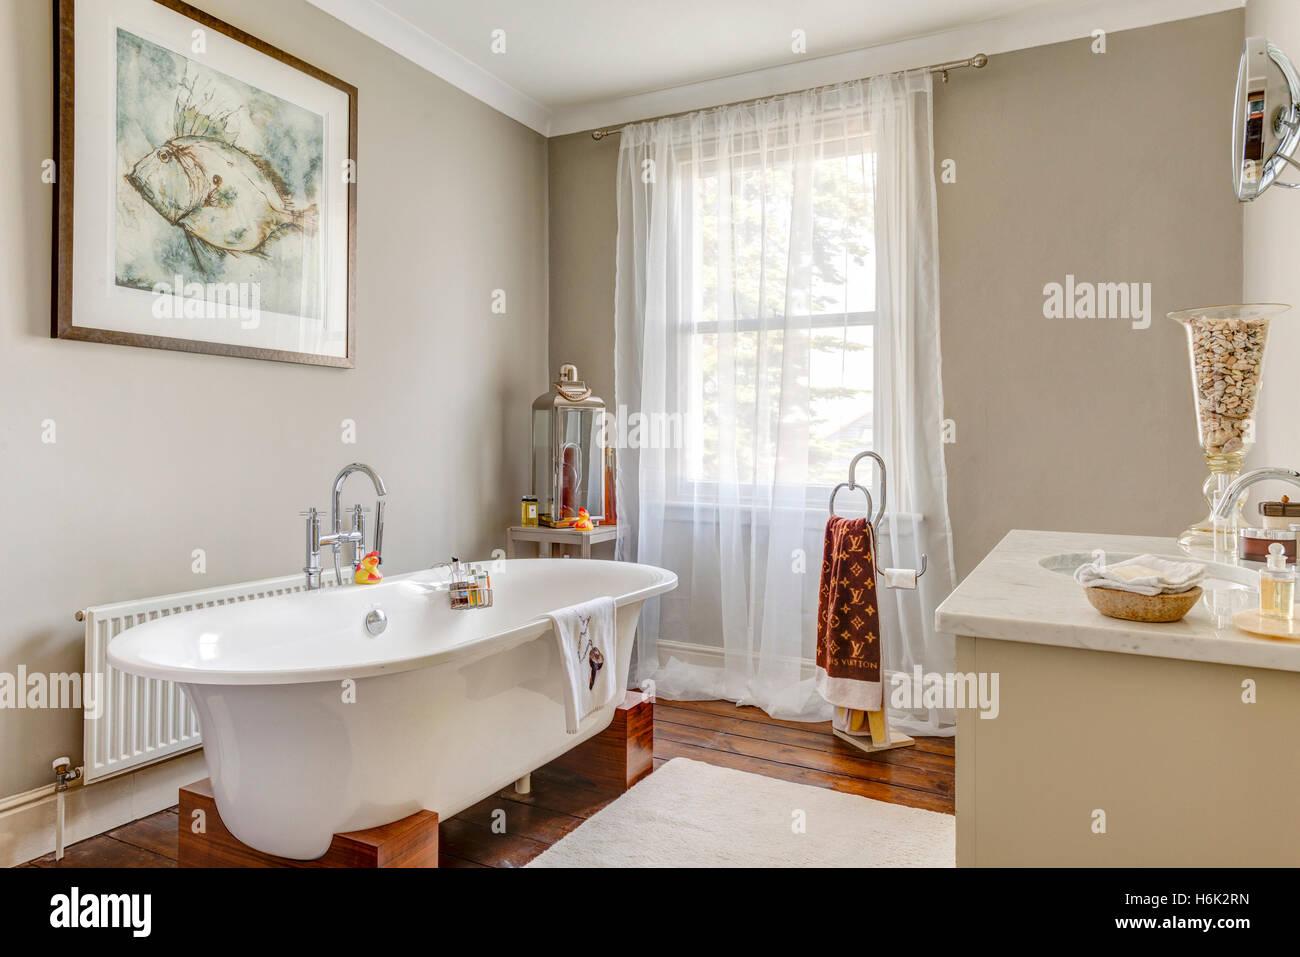 Salle De Bain Victorienne ~ dans une salle de bains l gante villa victorienne modernis e dans